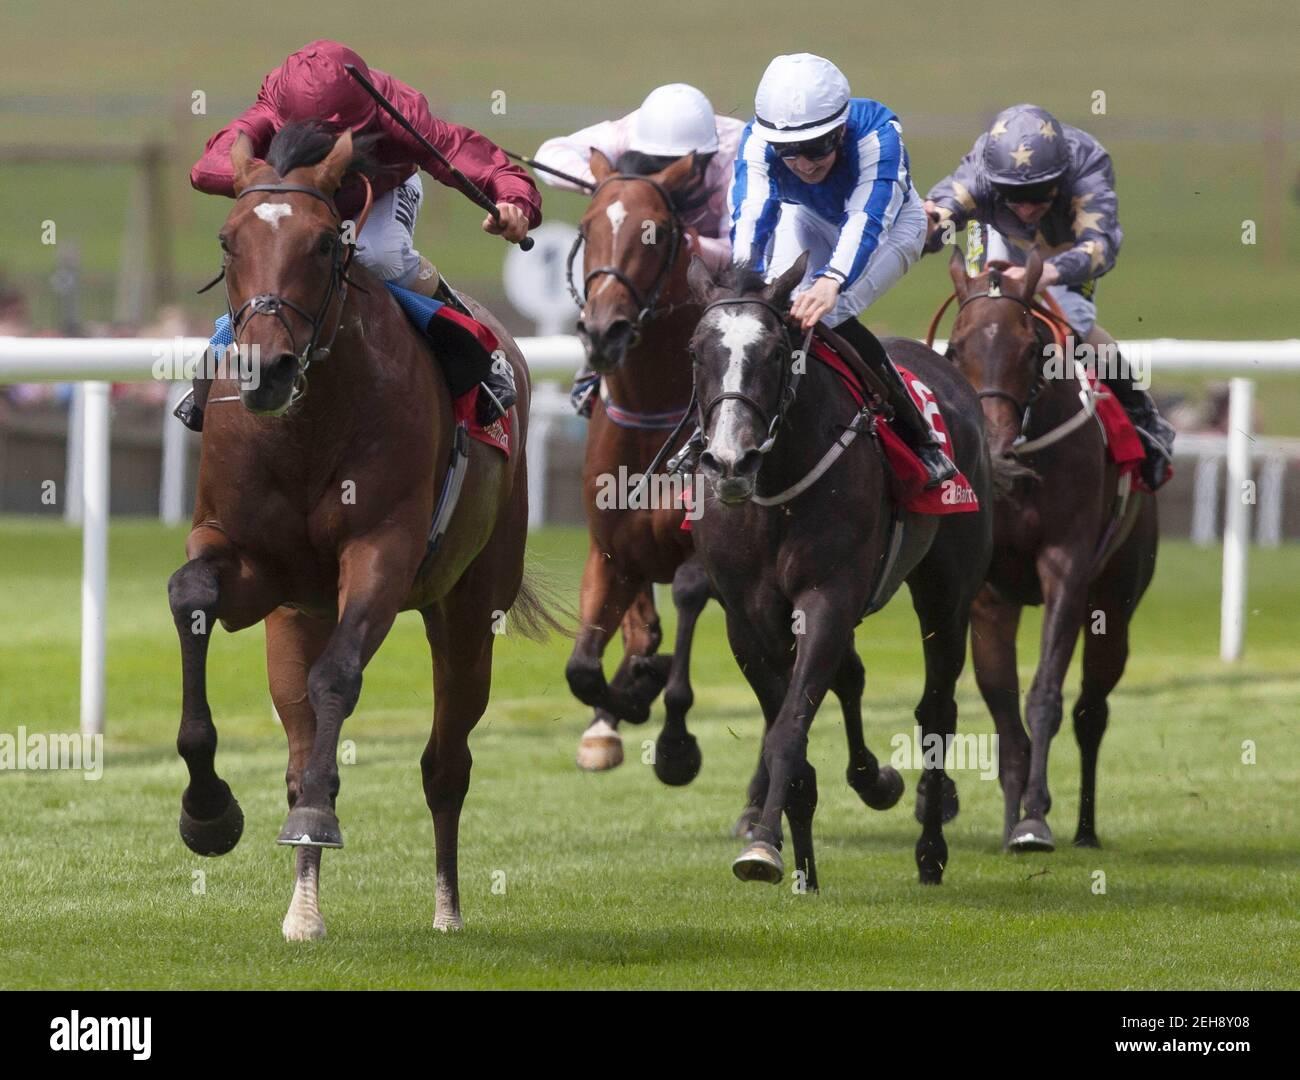 Carreras de caballos - Newmarket Festival de julio - Newmarket Racecourse - 12/7/12 Shantaram montado por William Buick (L) gana el 13.20 la carrera de trofeos de Bahrein crédito obligatorio: Imágenes de acción / Julian Herbert Livepic Foto de stock